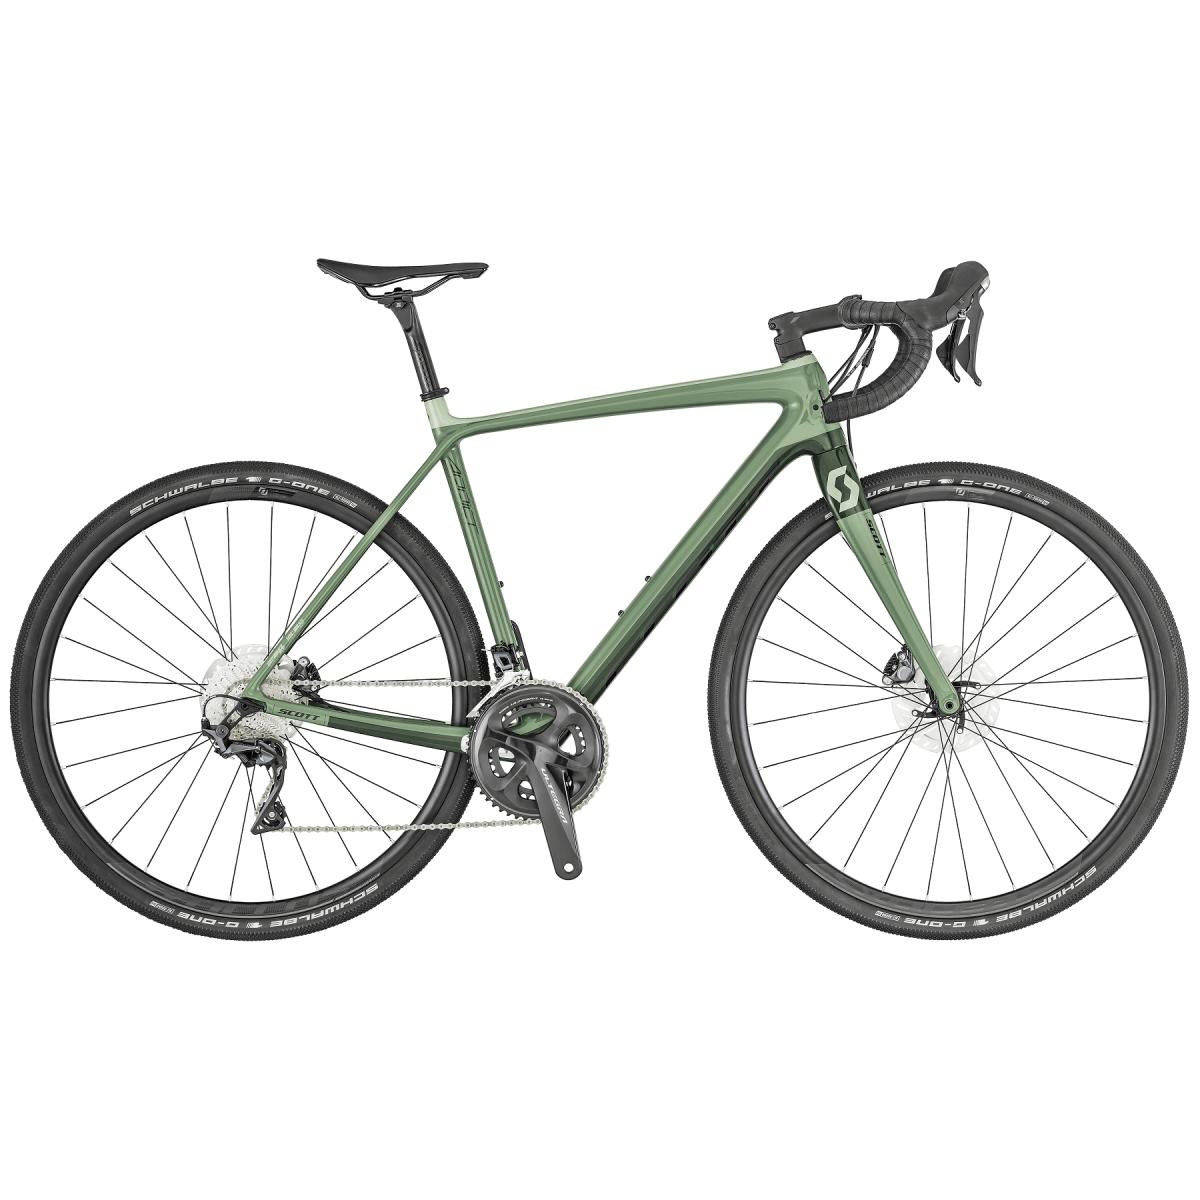 Scott Addict Gravel 20 road bike 2019